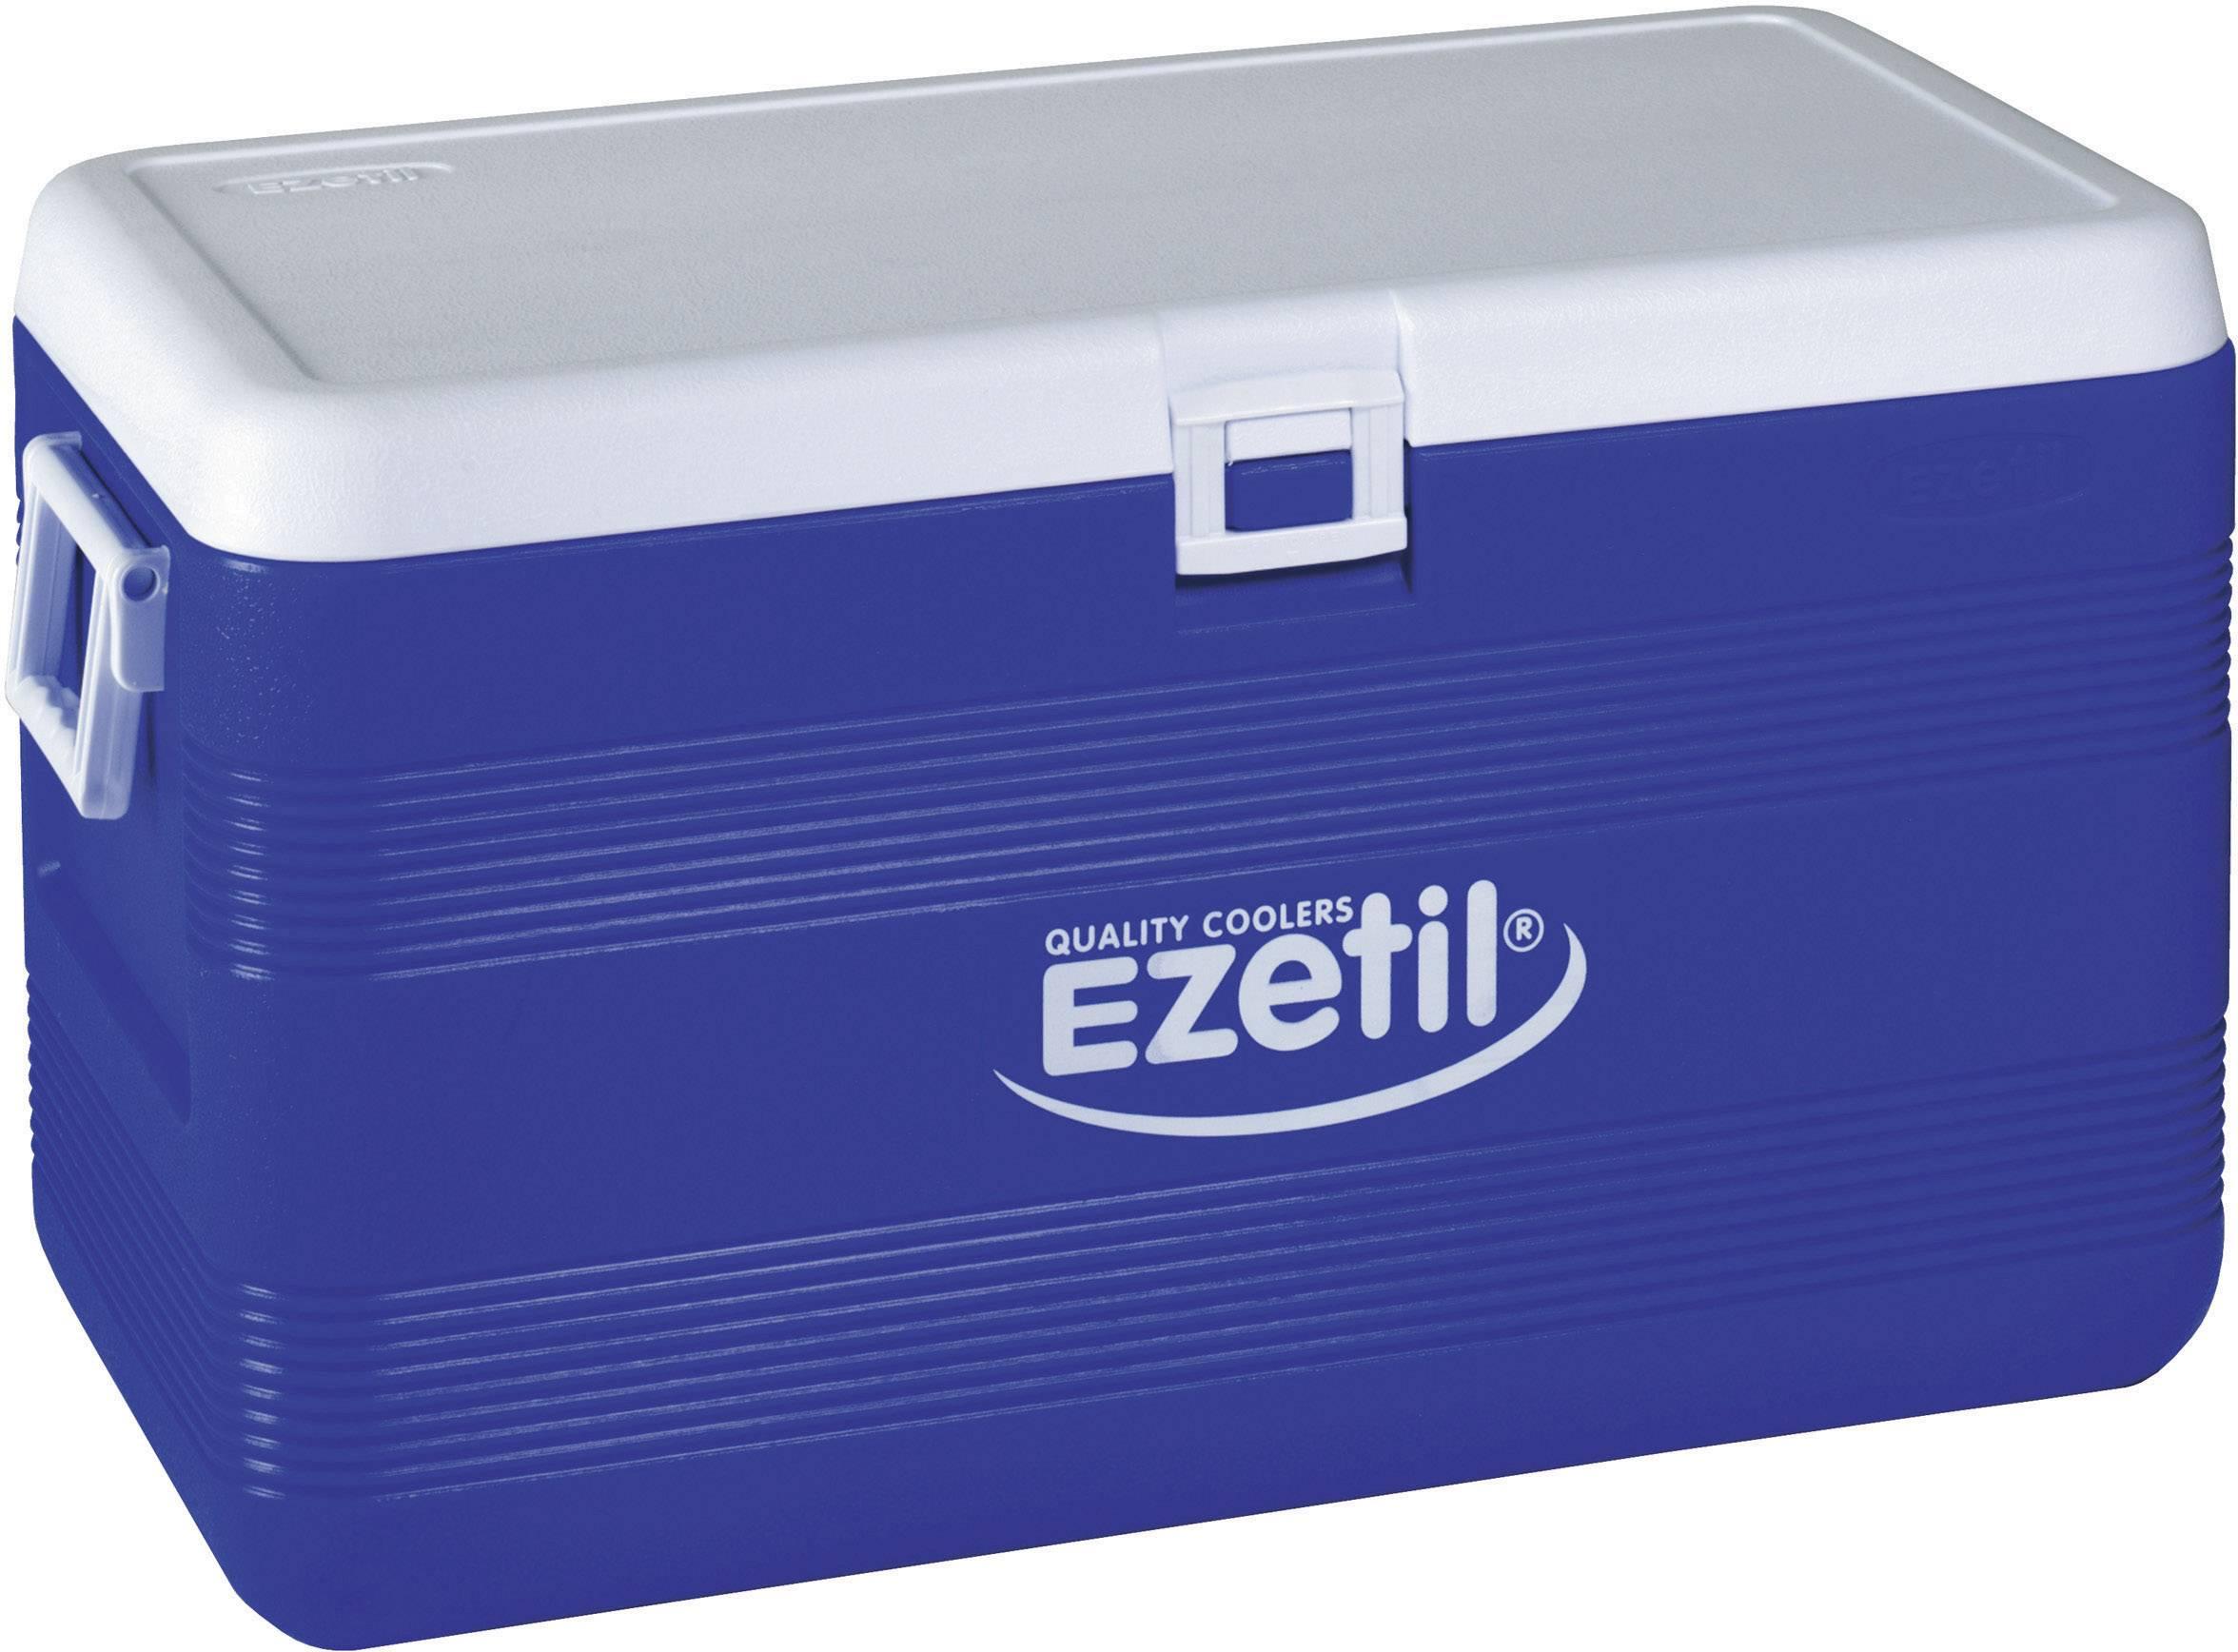 Přenosná lednice (autochladnička) Ezetil XXL 3-DAYS ICE EZ 70, 70 l, modrá, bílá, šedá